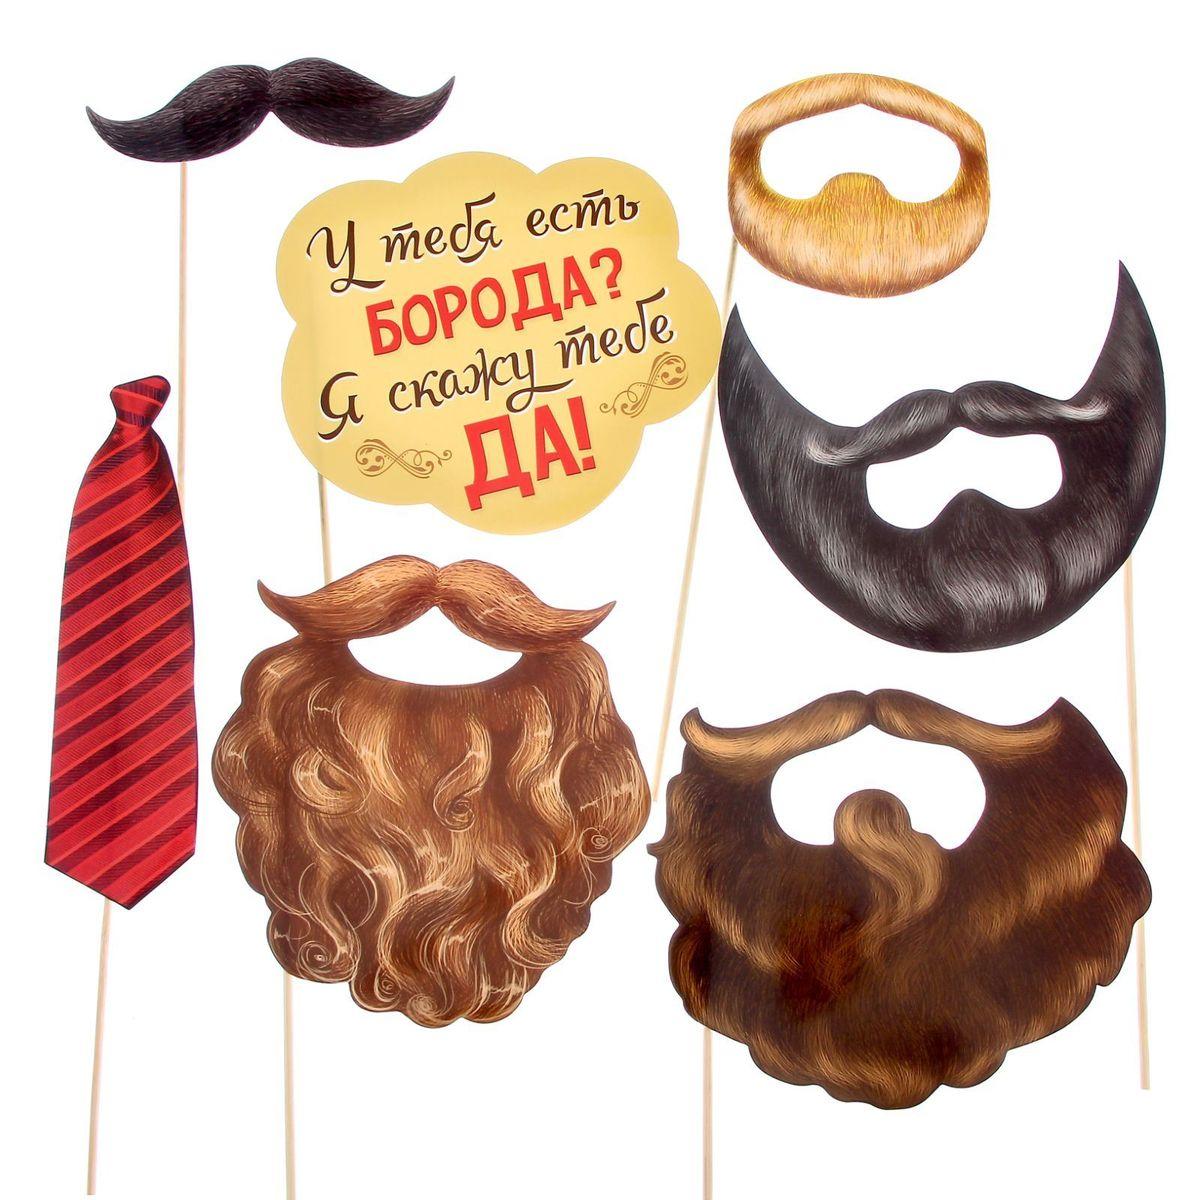 Набор фотобутафории Sima-land У тебя есть борода?.. 7 предметов1182869Невозможно представить нашу жизнь без праздников! Мы всегда ждём и заранее обдумываем, как проведём памятный день, тщательно выбираем подарки и аксессуары, ведь именно они создают и поддерживают нужный настрой.